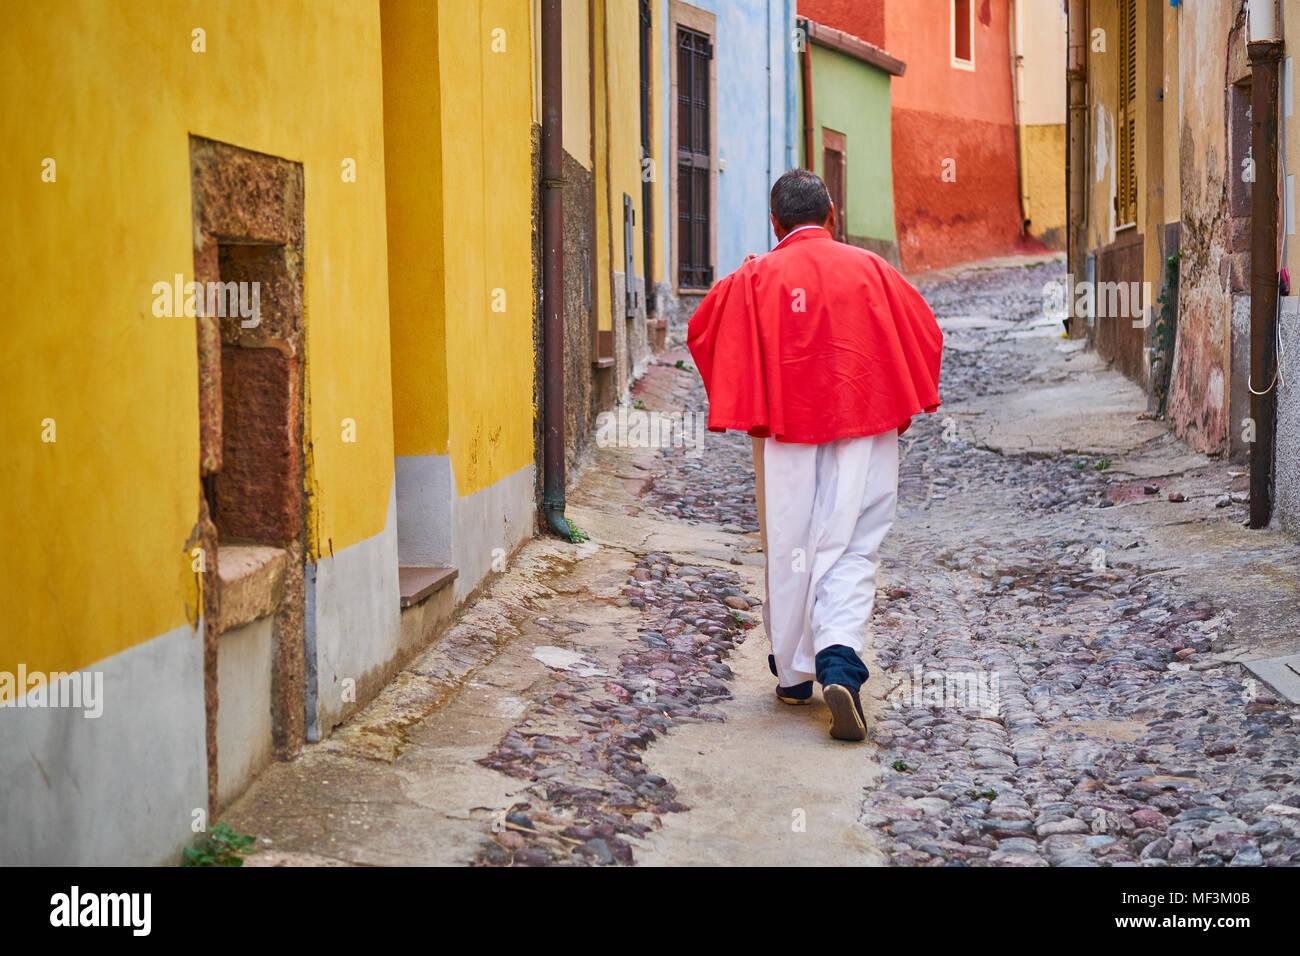 Italia, Cerdeña, Bosa, hombres caminando en el callejón Foto de stock